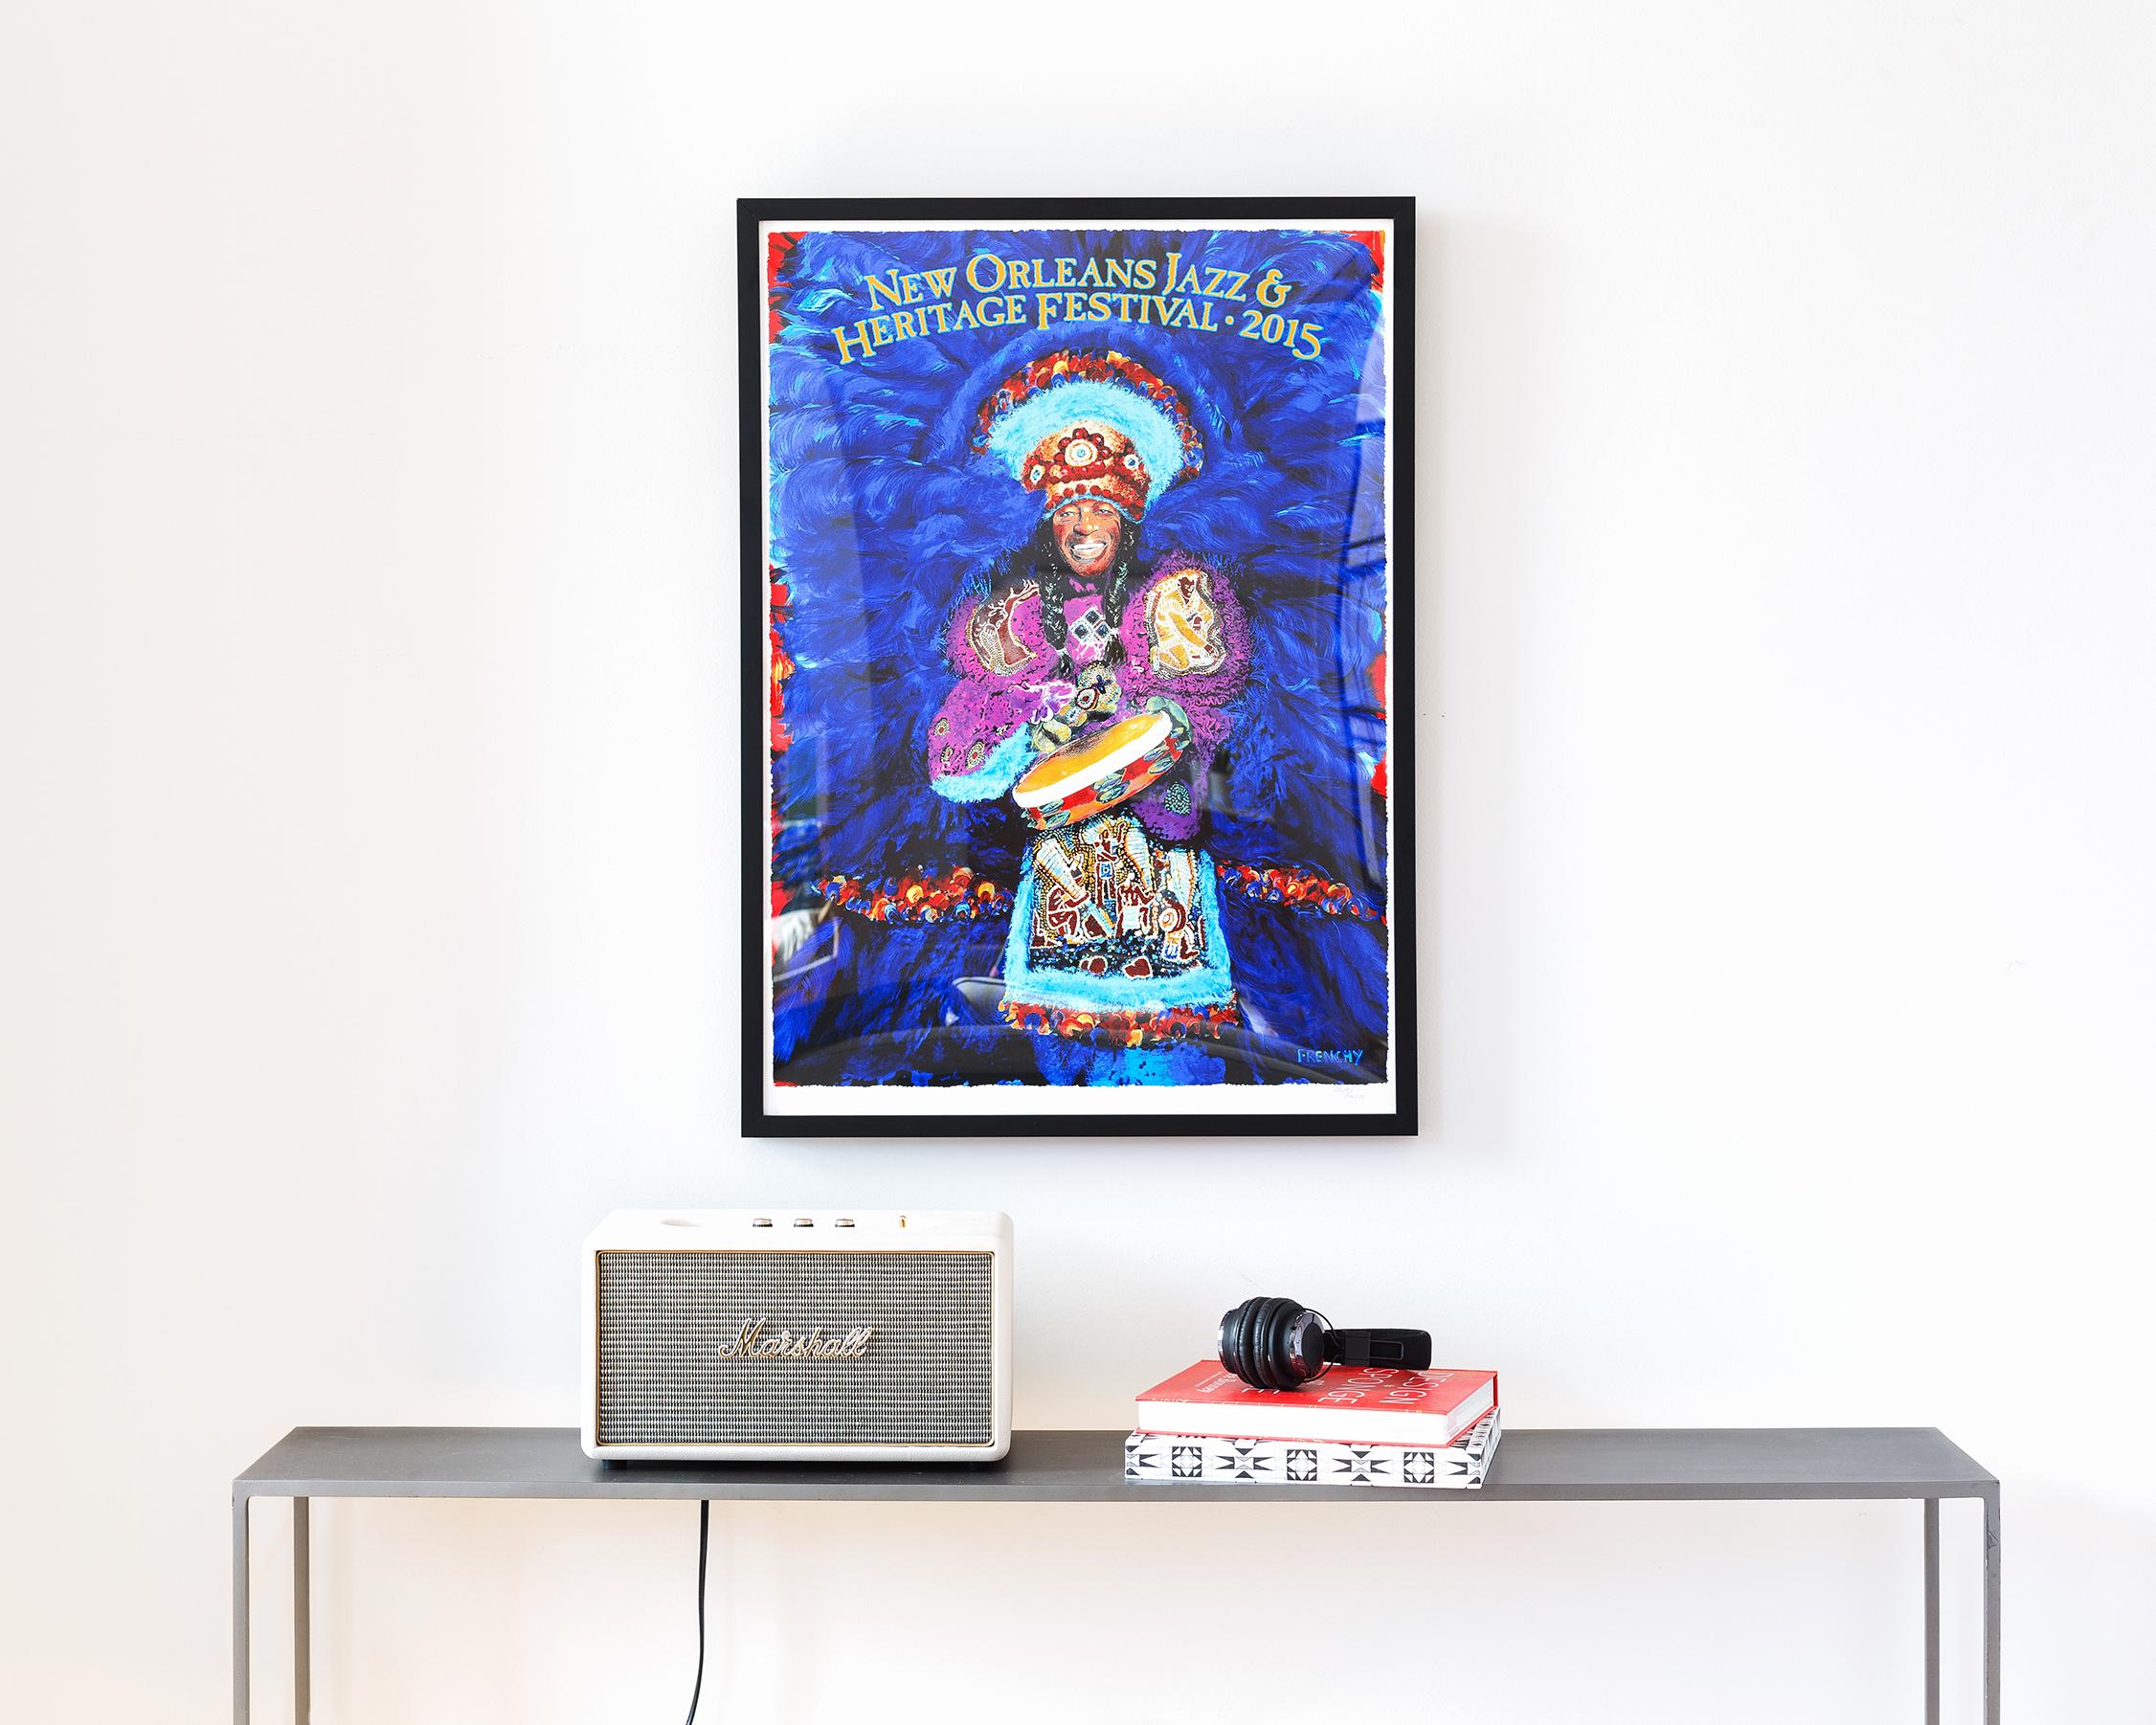 24x36 concert poster framed